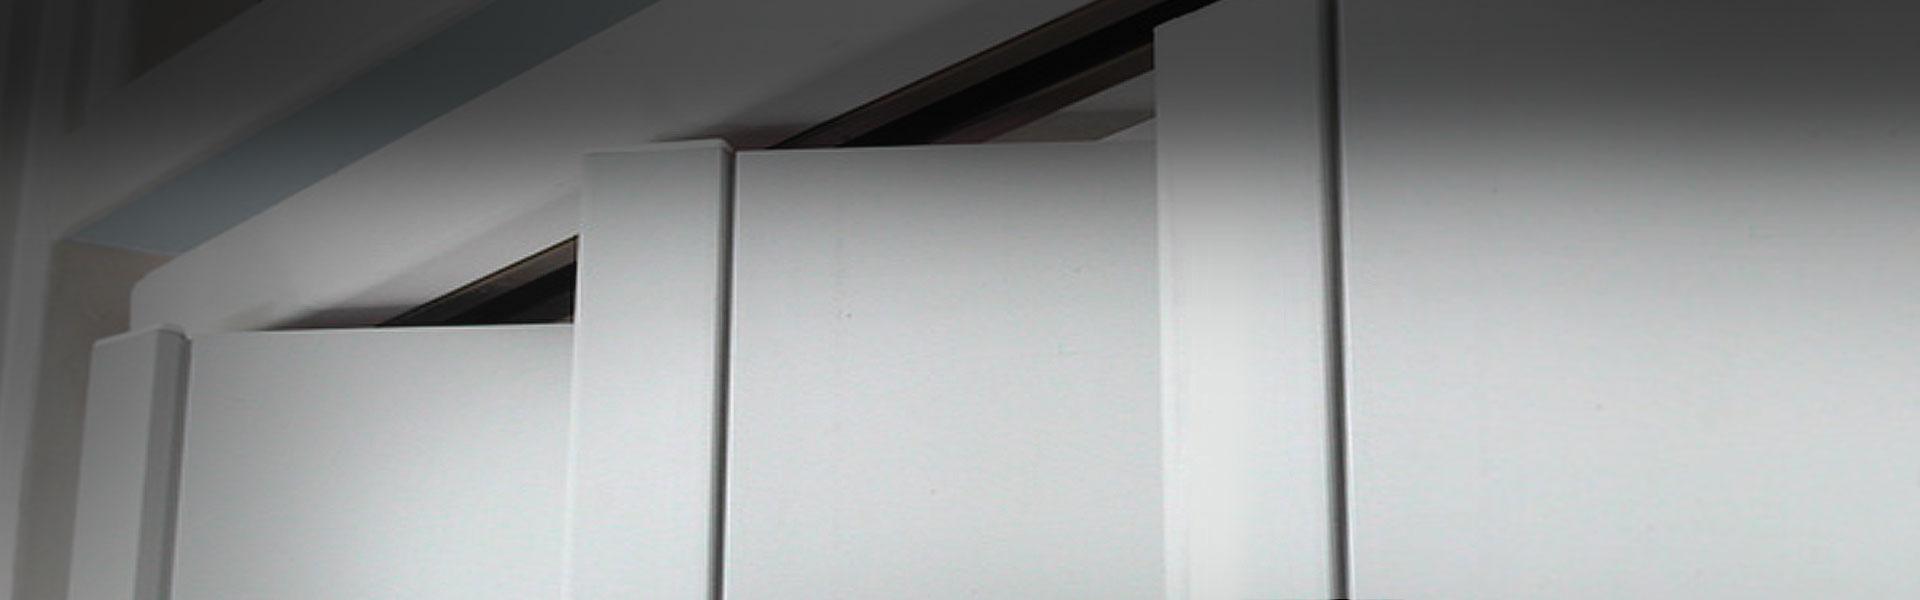 https://www.stin.cz/uploads//images/horni-banner/shrnovaci-dvere.jpg